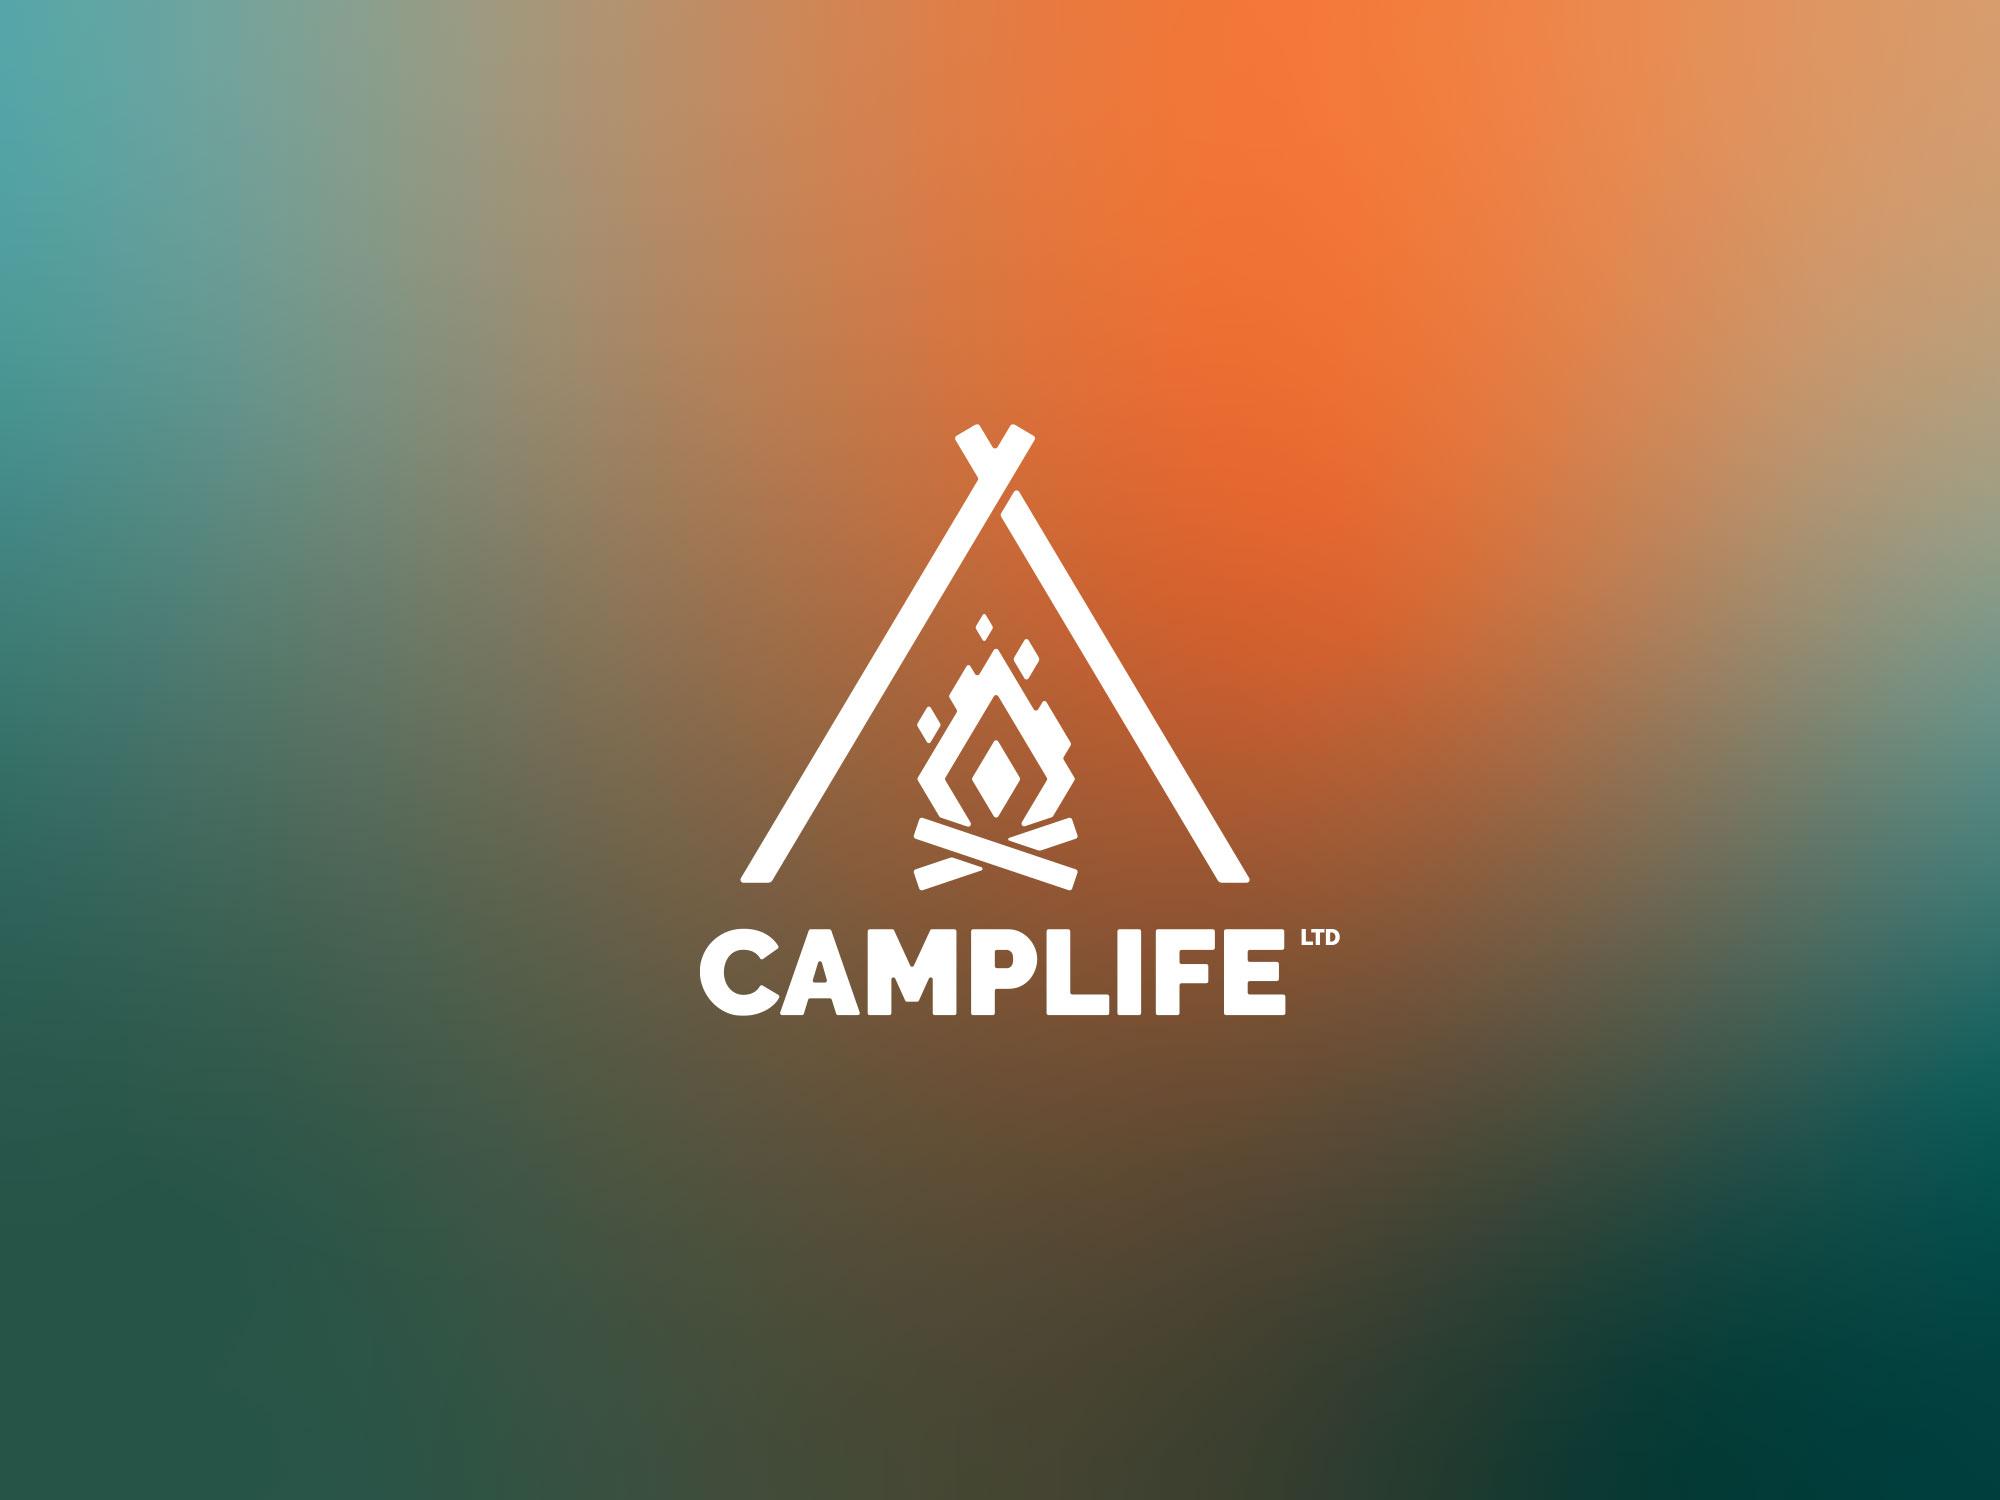 camplife-logo2